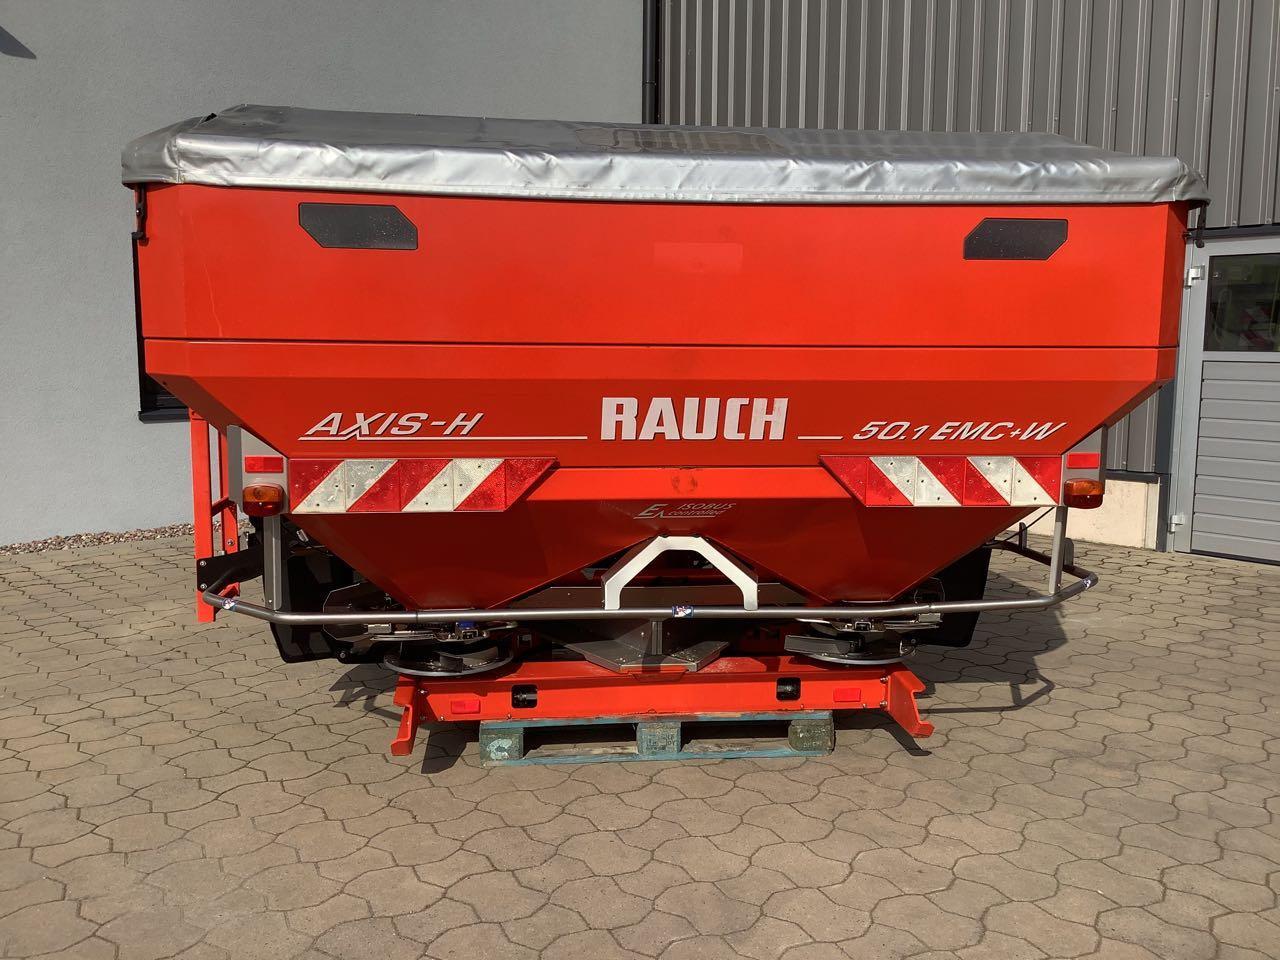 Rauch Axis H 50.1 EMC + W